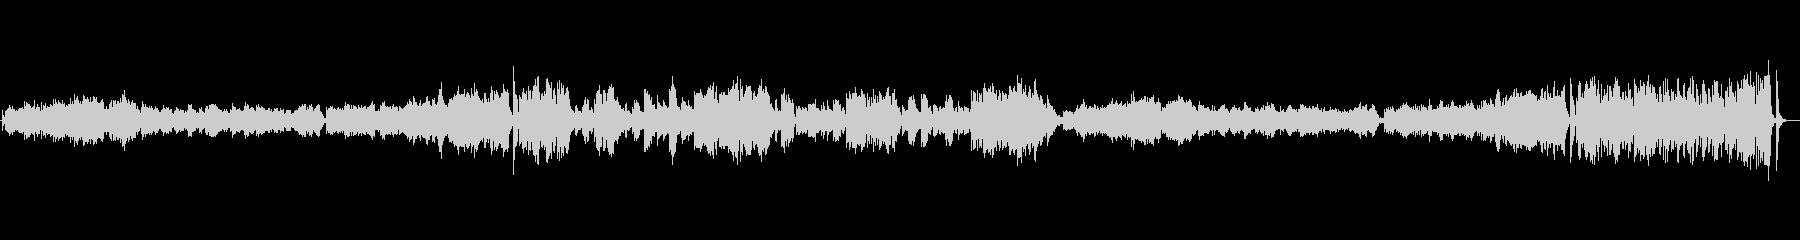 シューベルトの即興曲作品90-2の未再生の波形